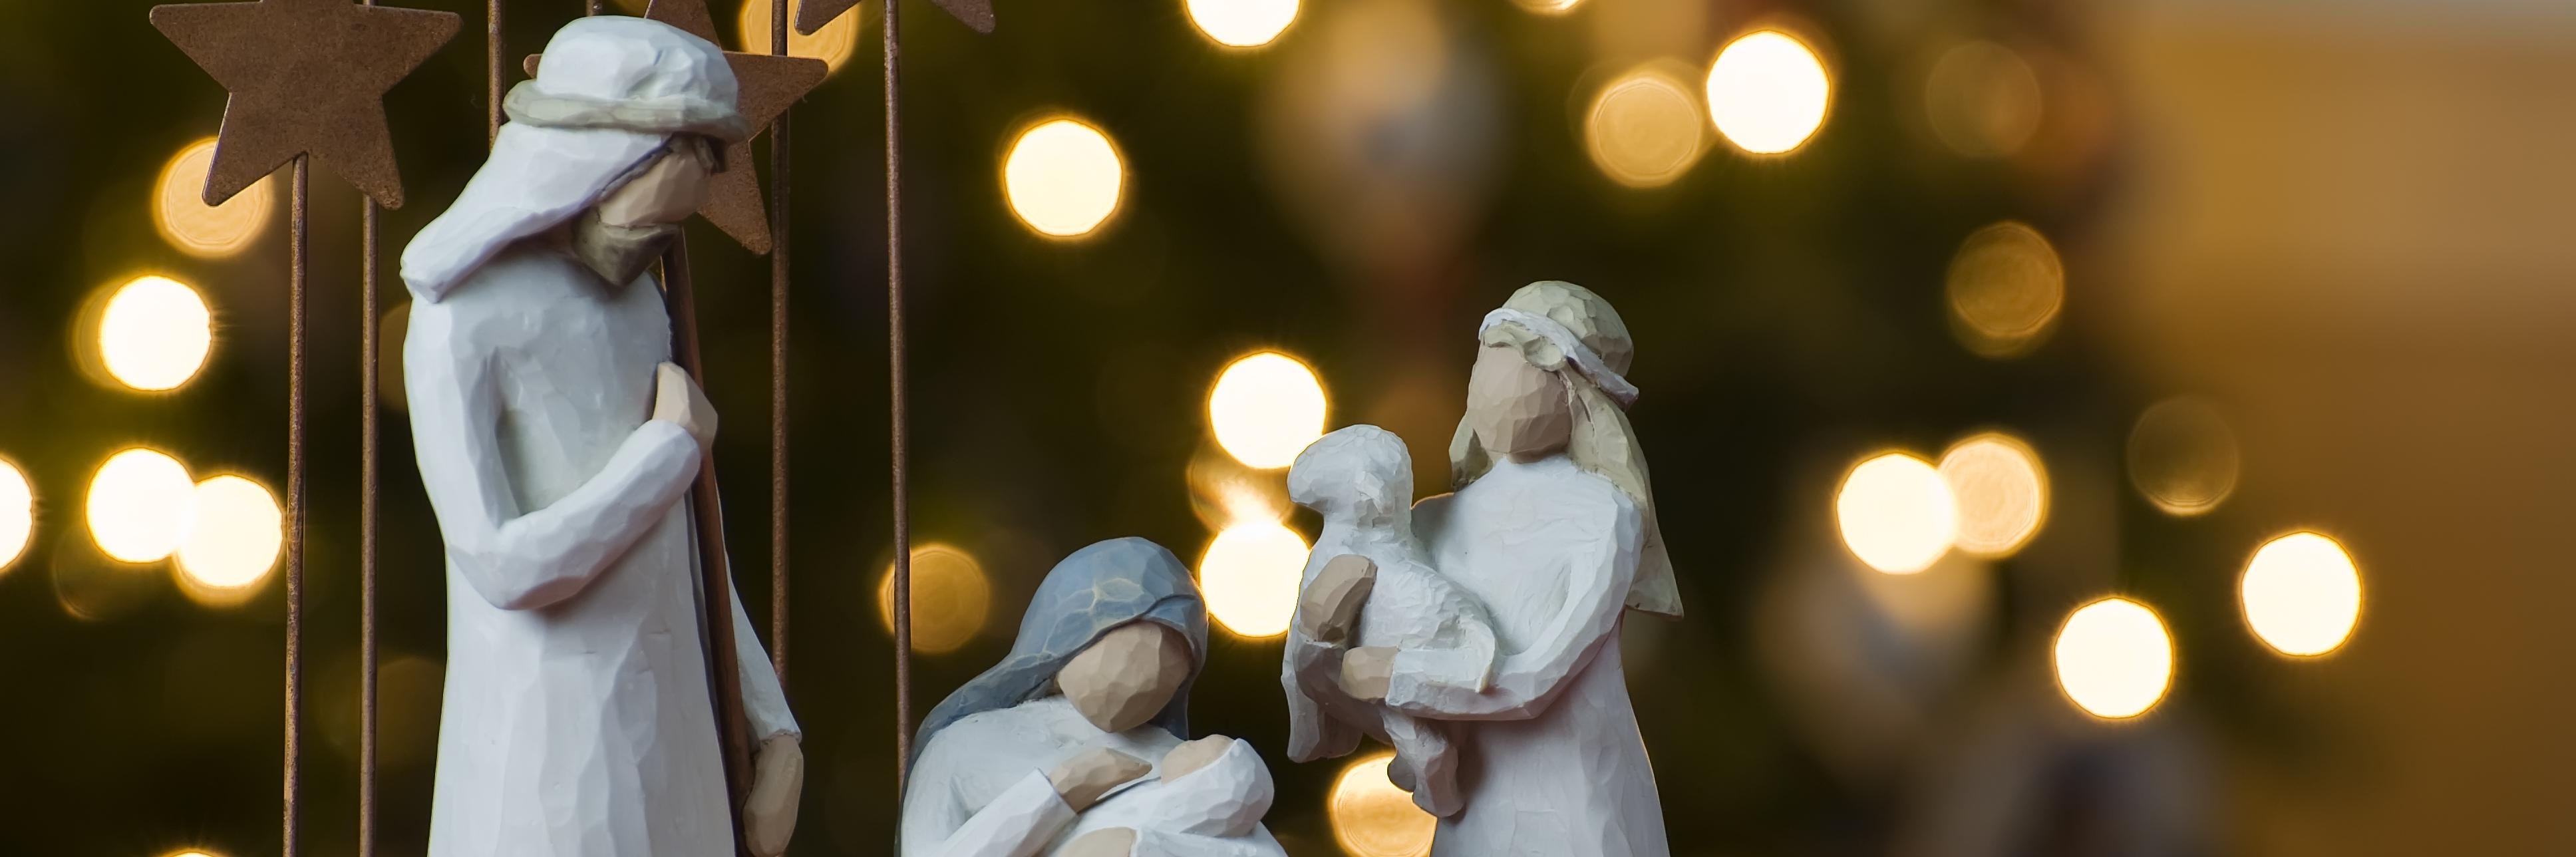 Cura para o Natal (8)